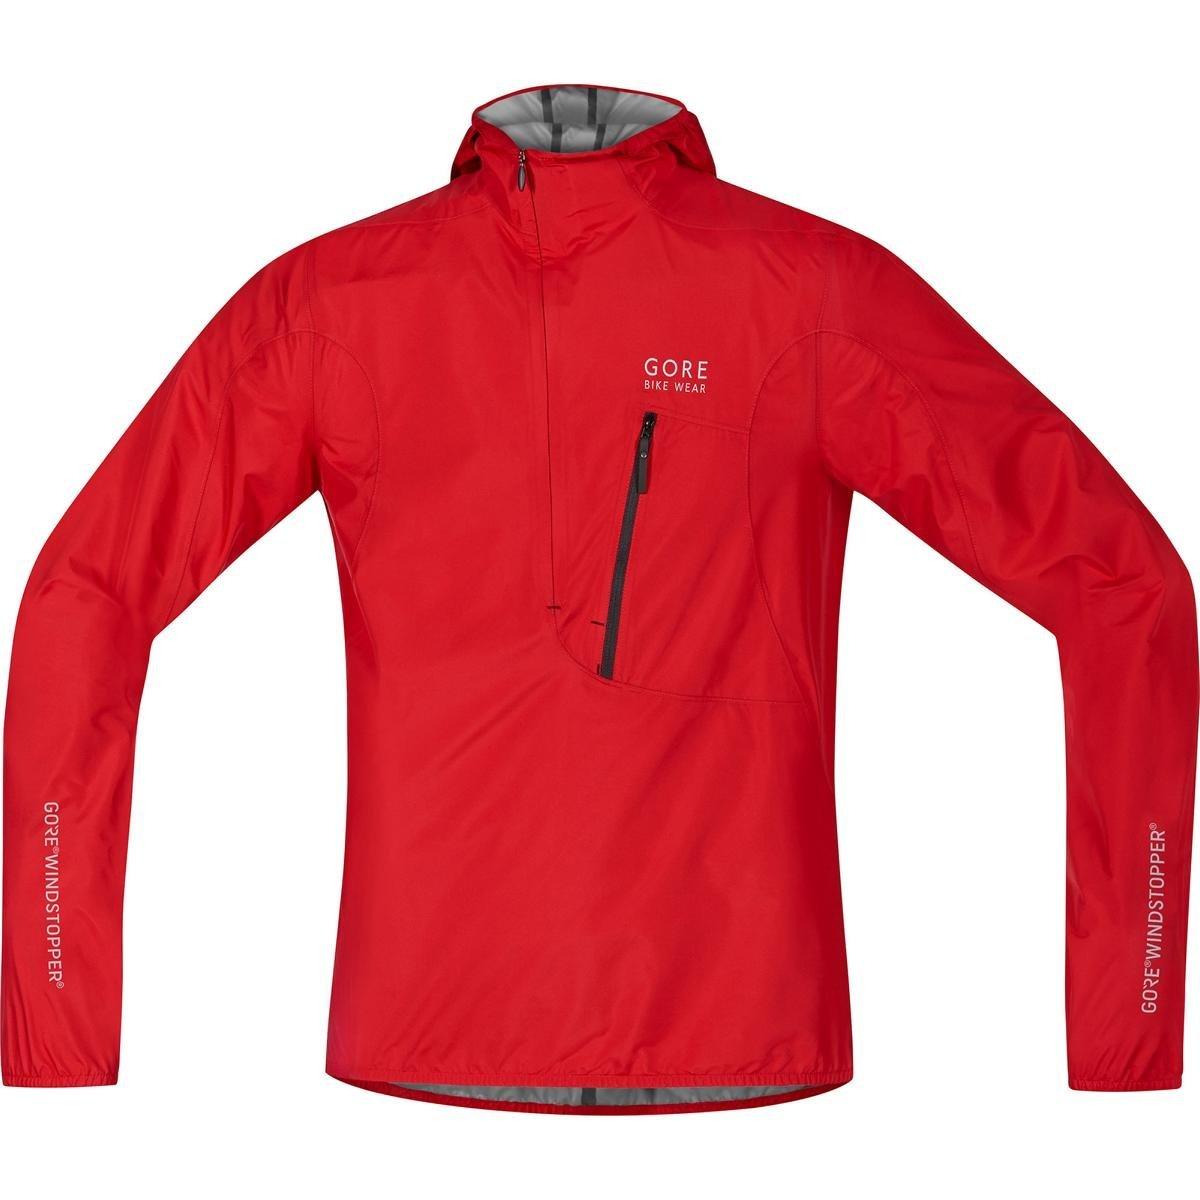 GORE WEAR, Uomo, Giacca antivento con cappuccio da ciclismo, GORE C7 WINDSTOPPER Hooded Rescue Jacket, 100224